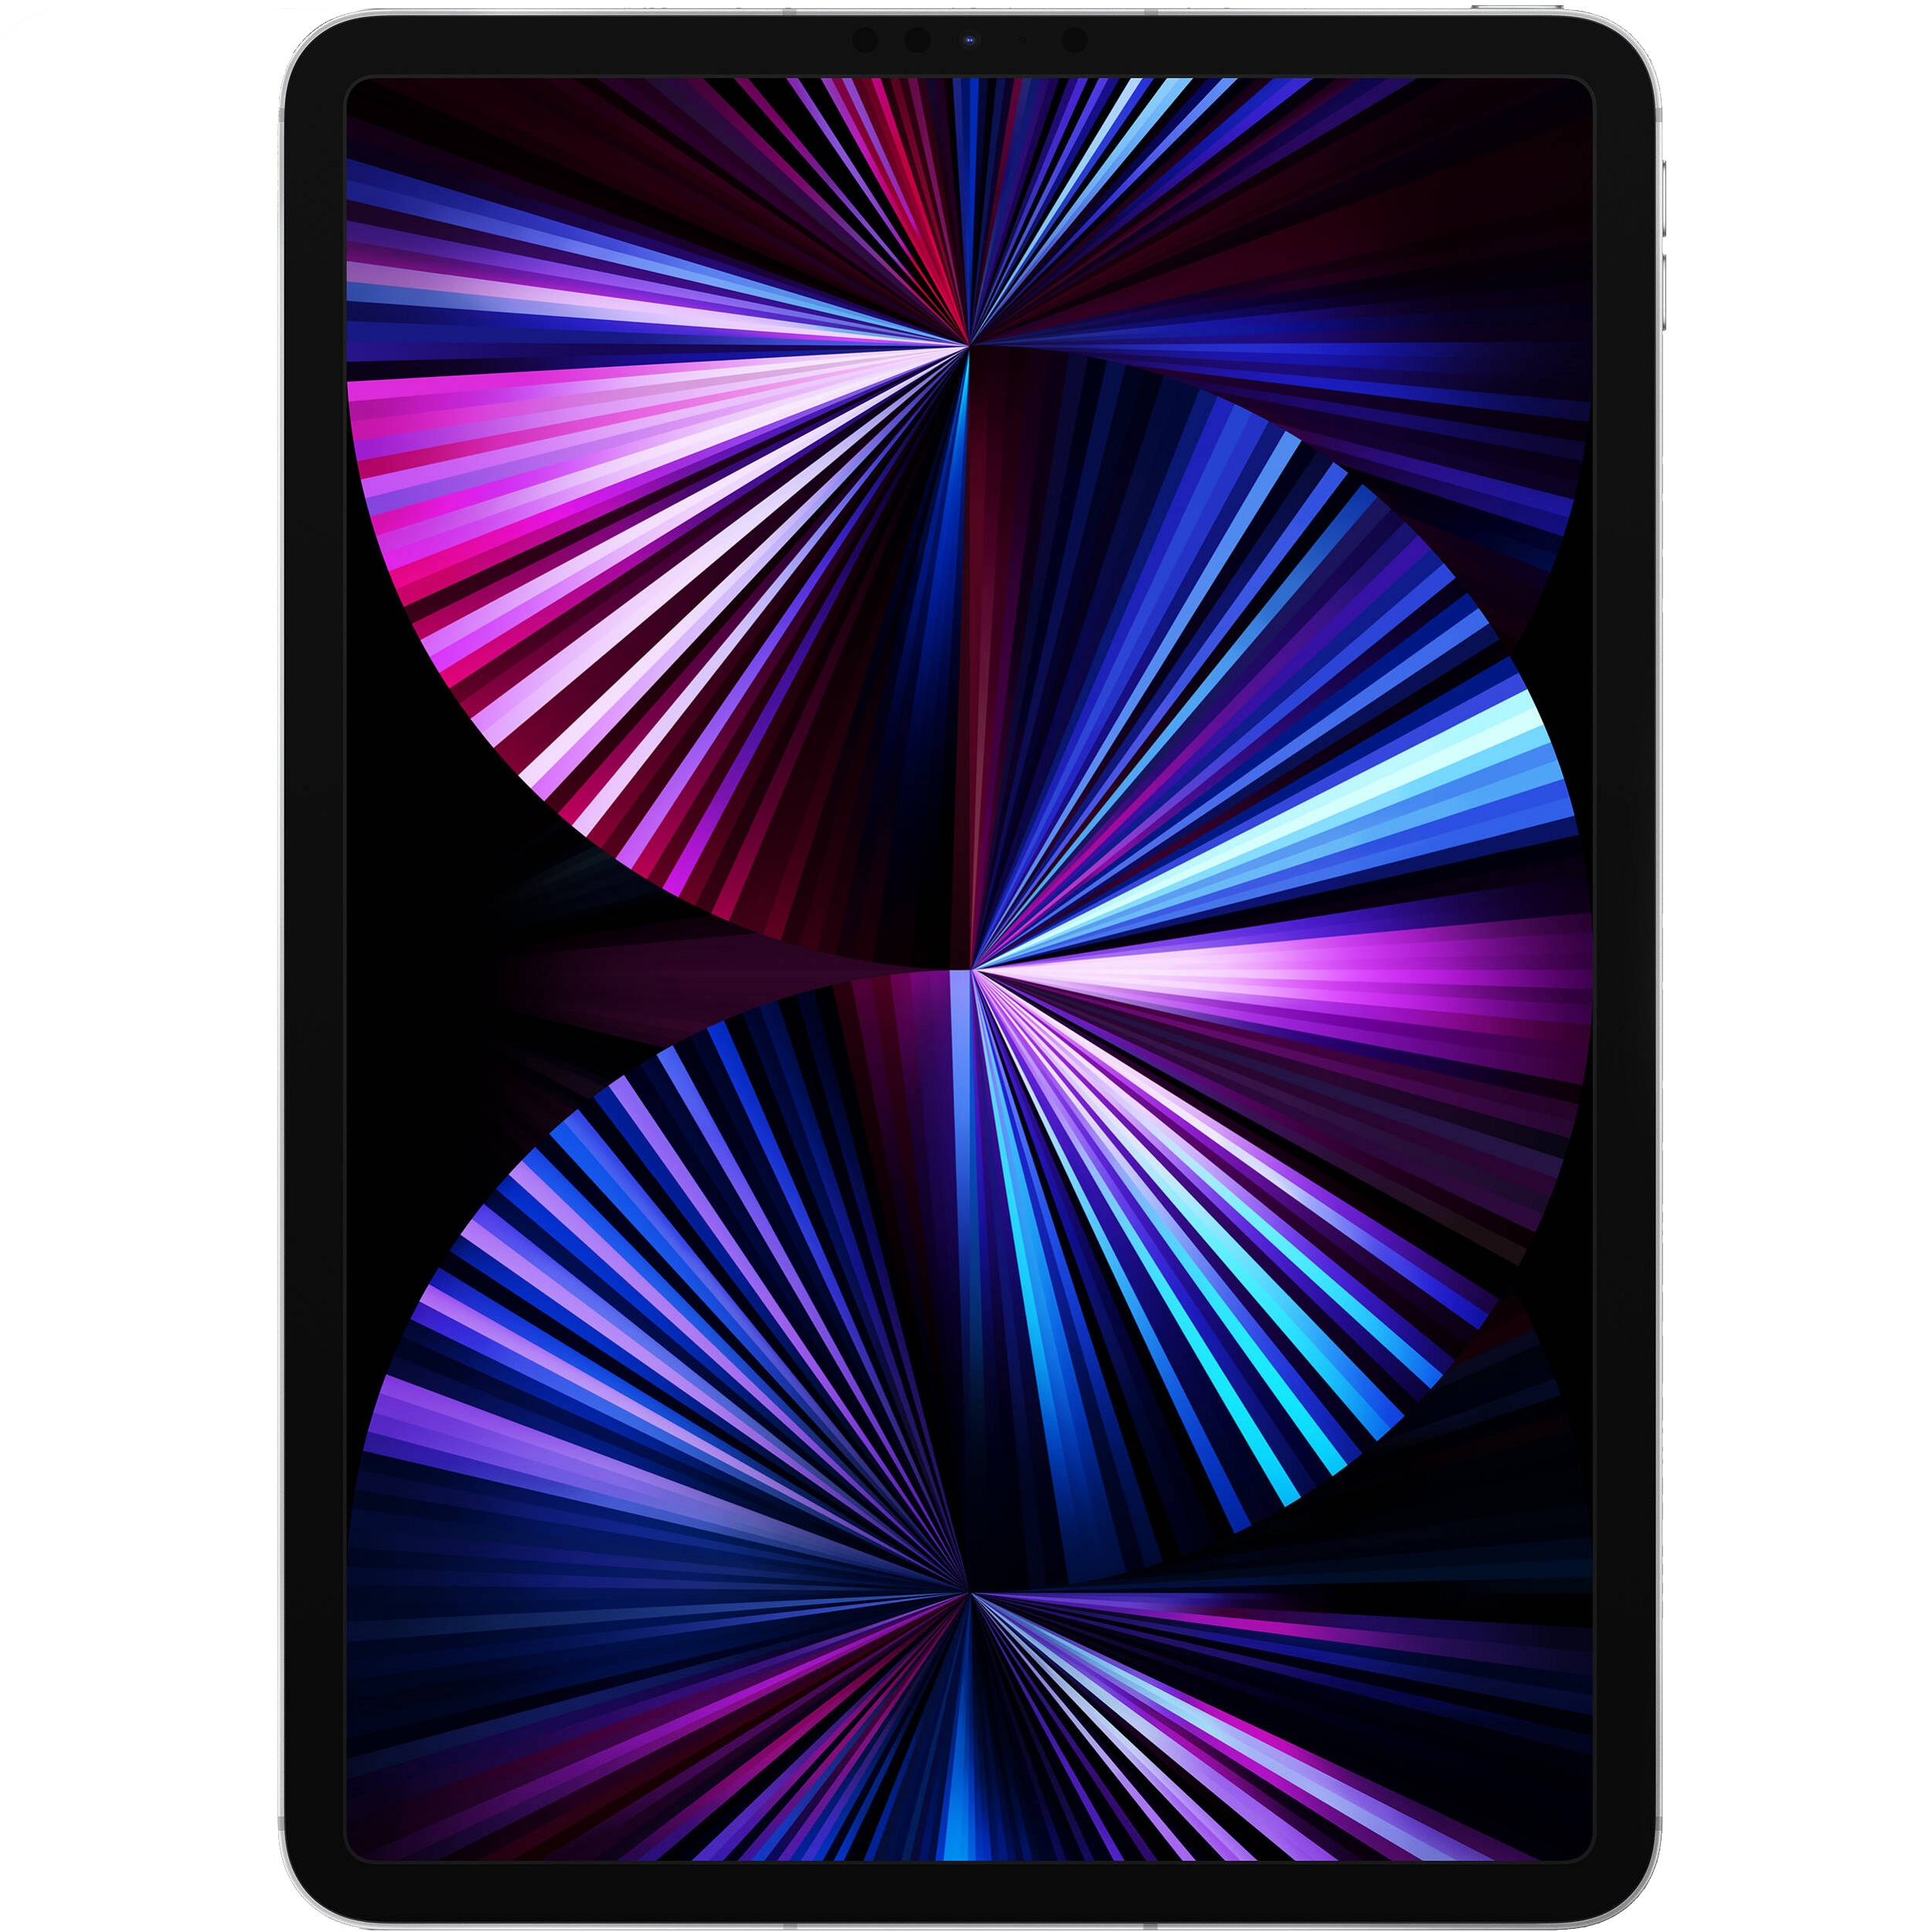 فروش نقدی و اقساطی تبلت اپل مدل iPad Pro 11 inch 2021 WiFi ظرفیت 256 گیگابایت